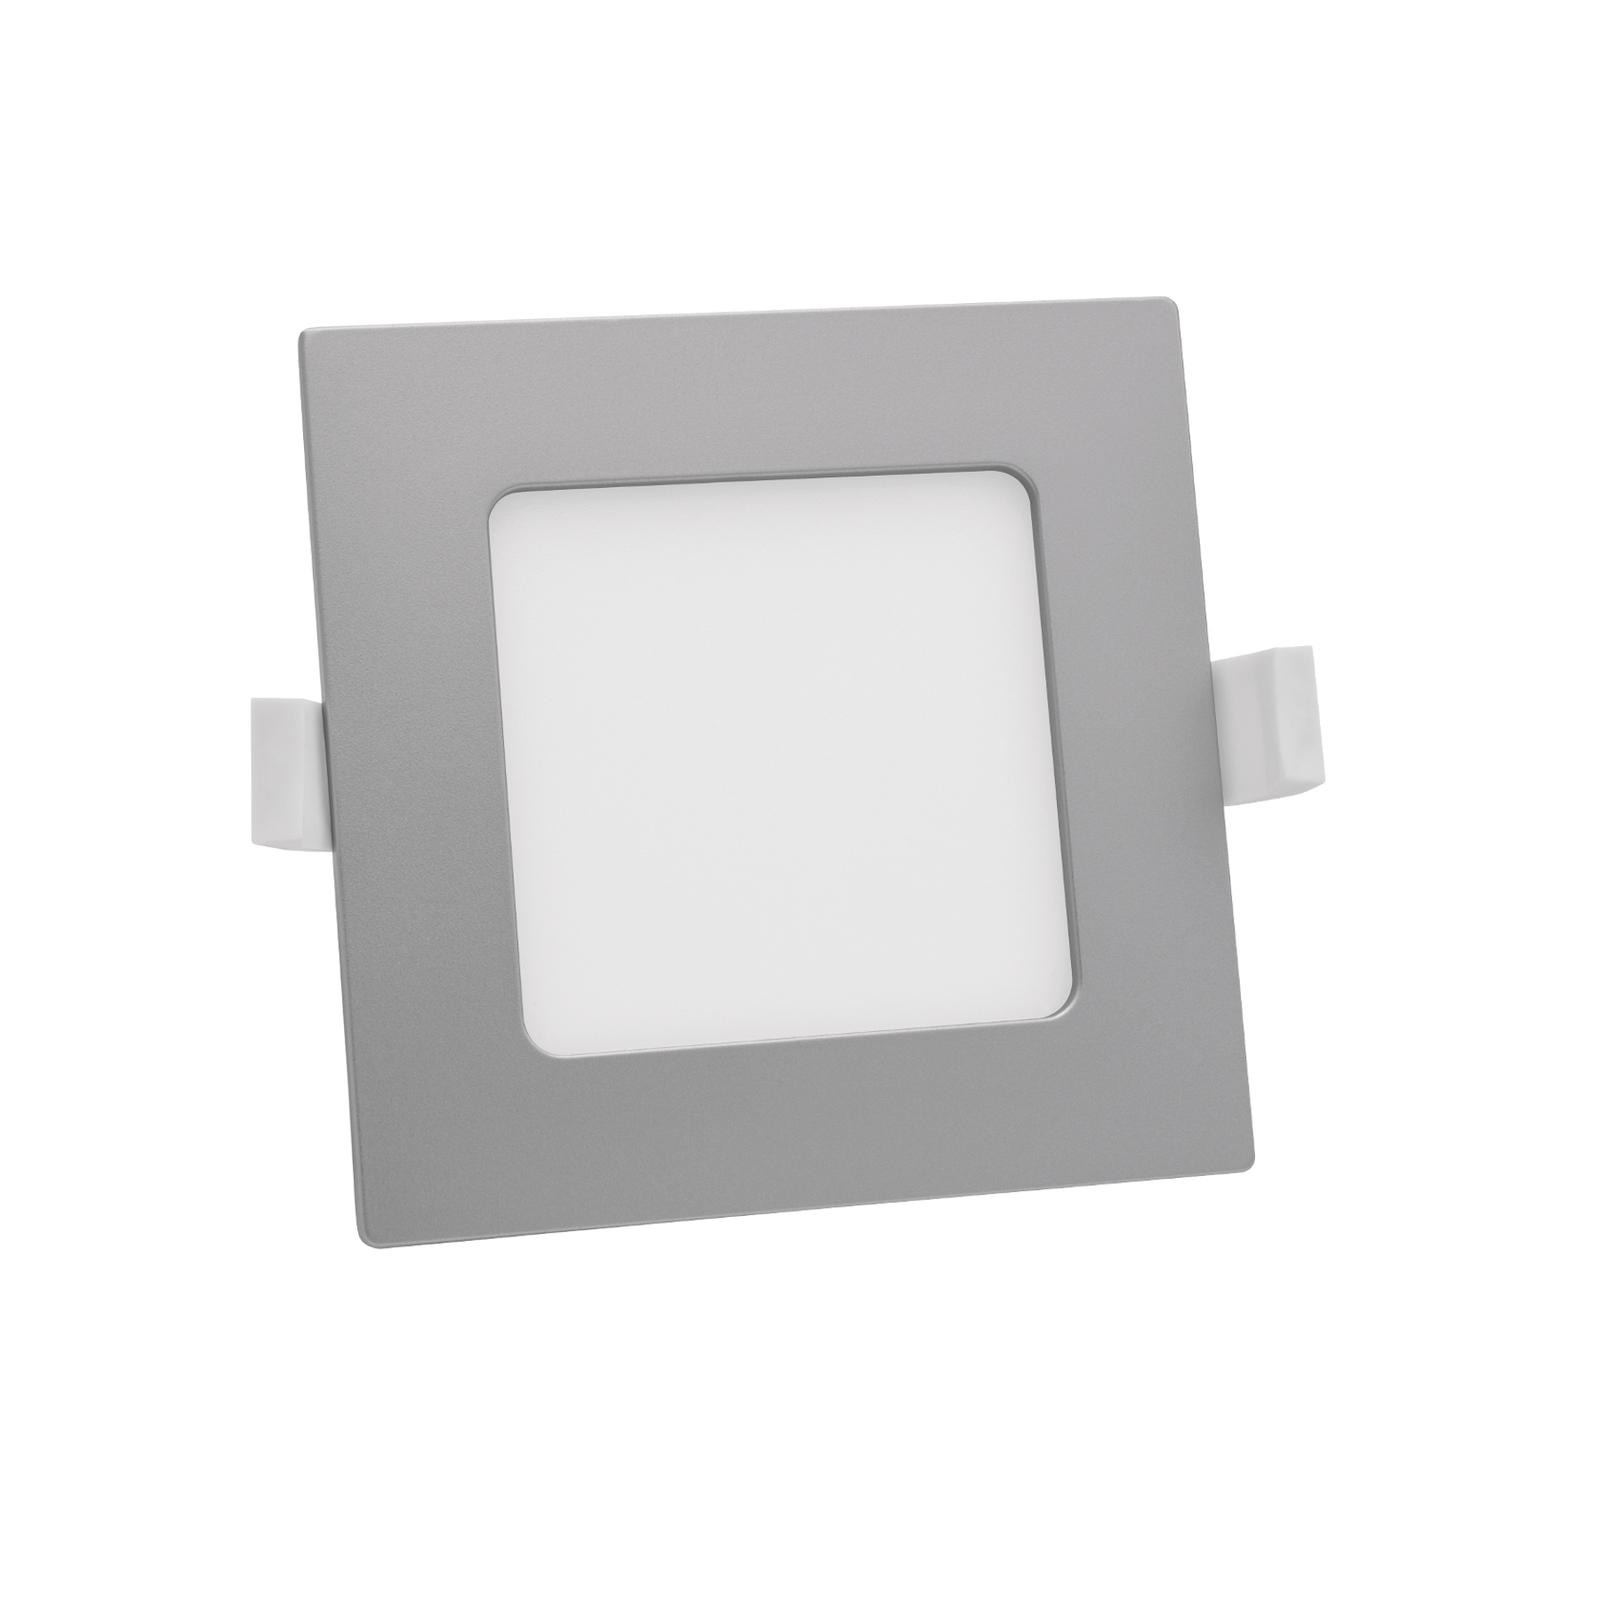 Prios Helina LED-downlight, sølv, 16,5 cm